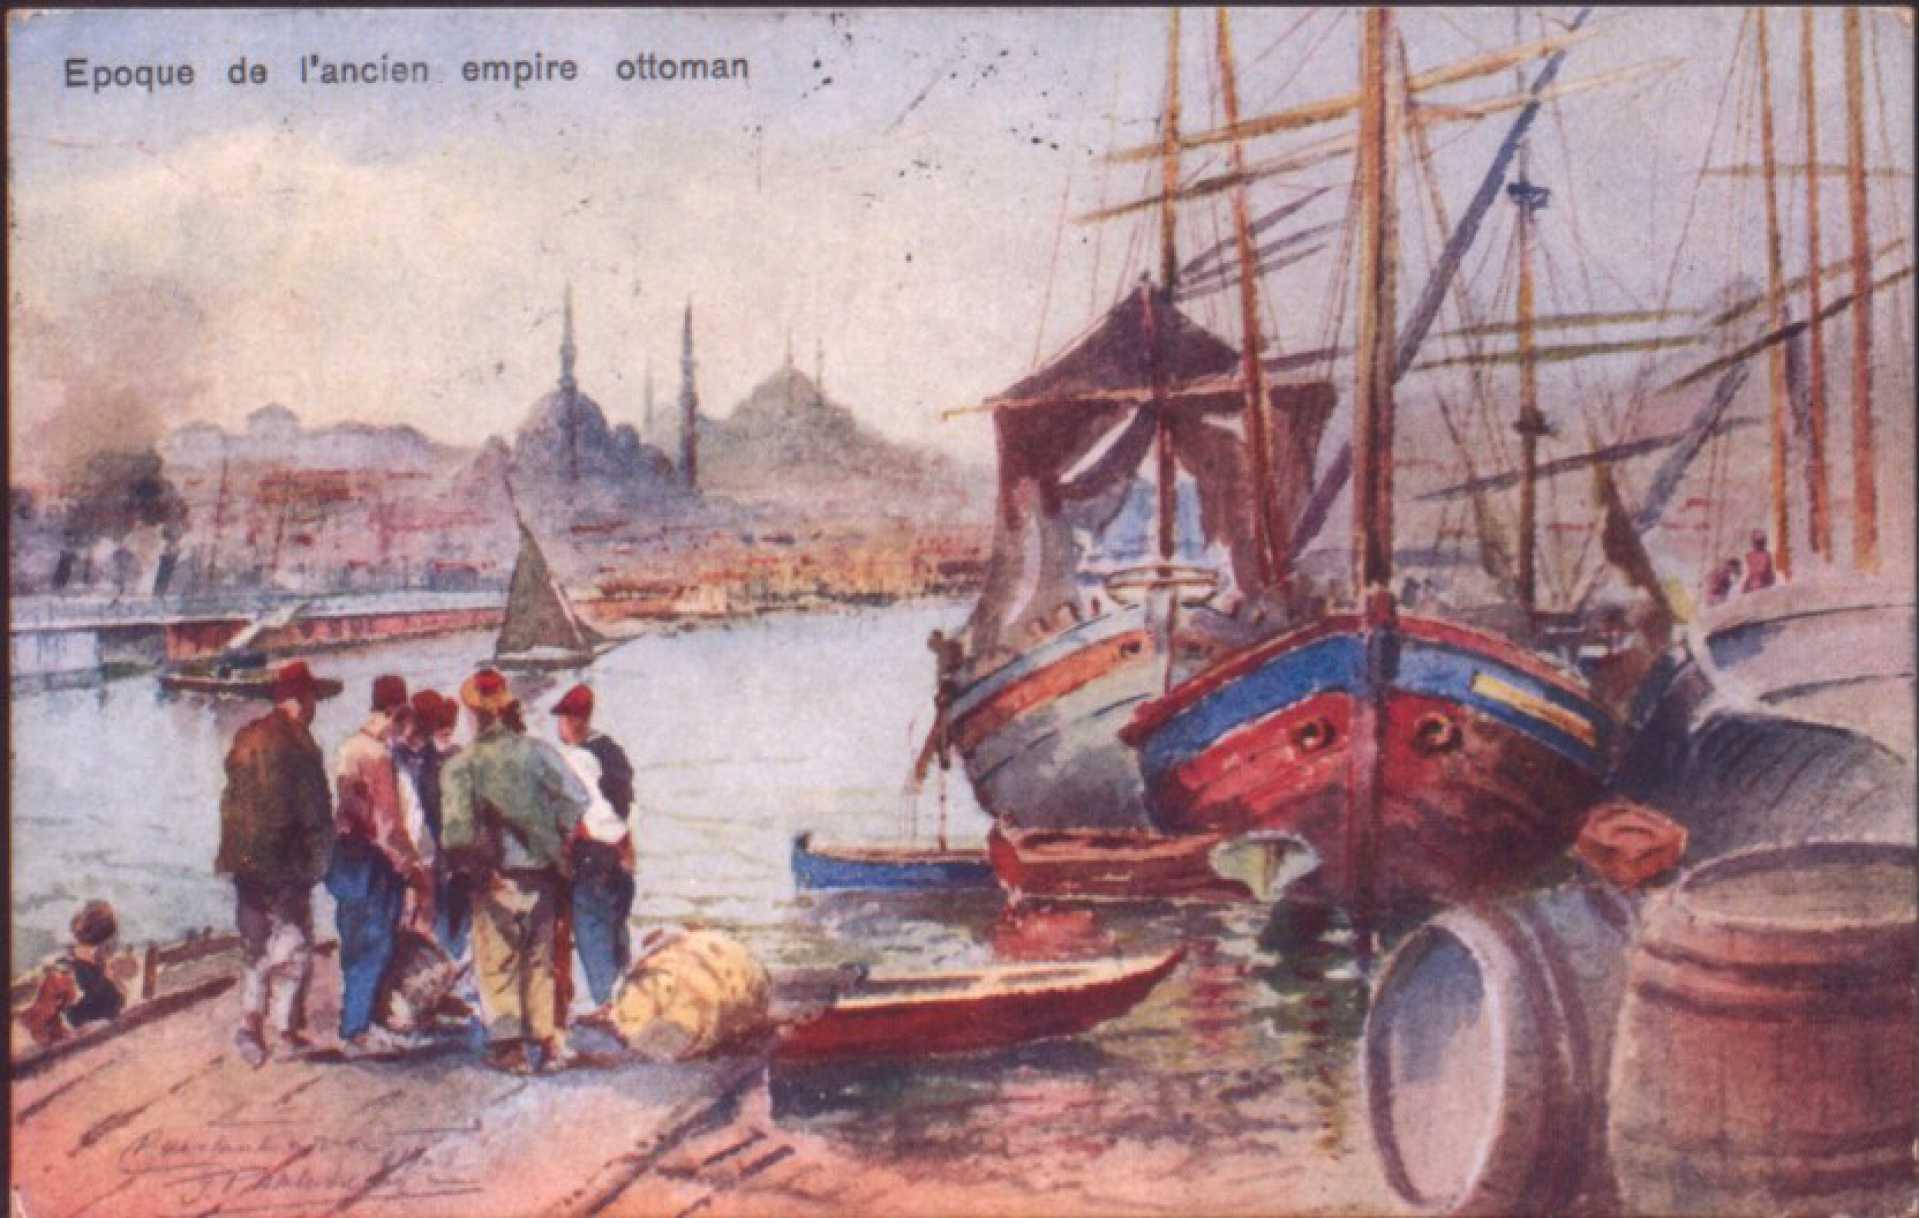 Epoque de l'ancien empire ottoman